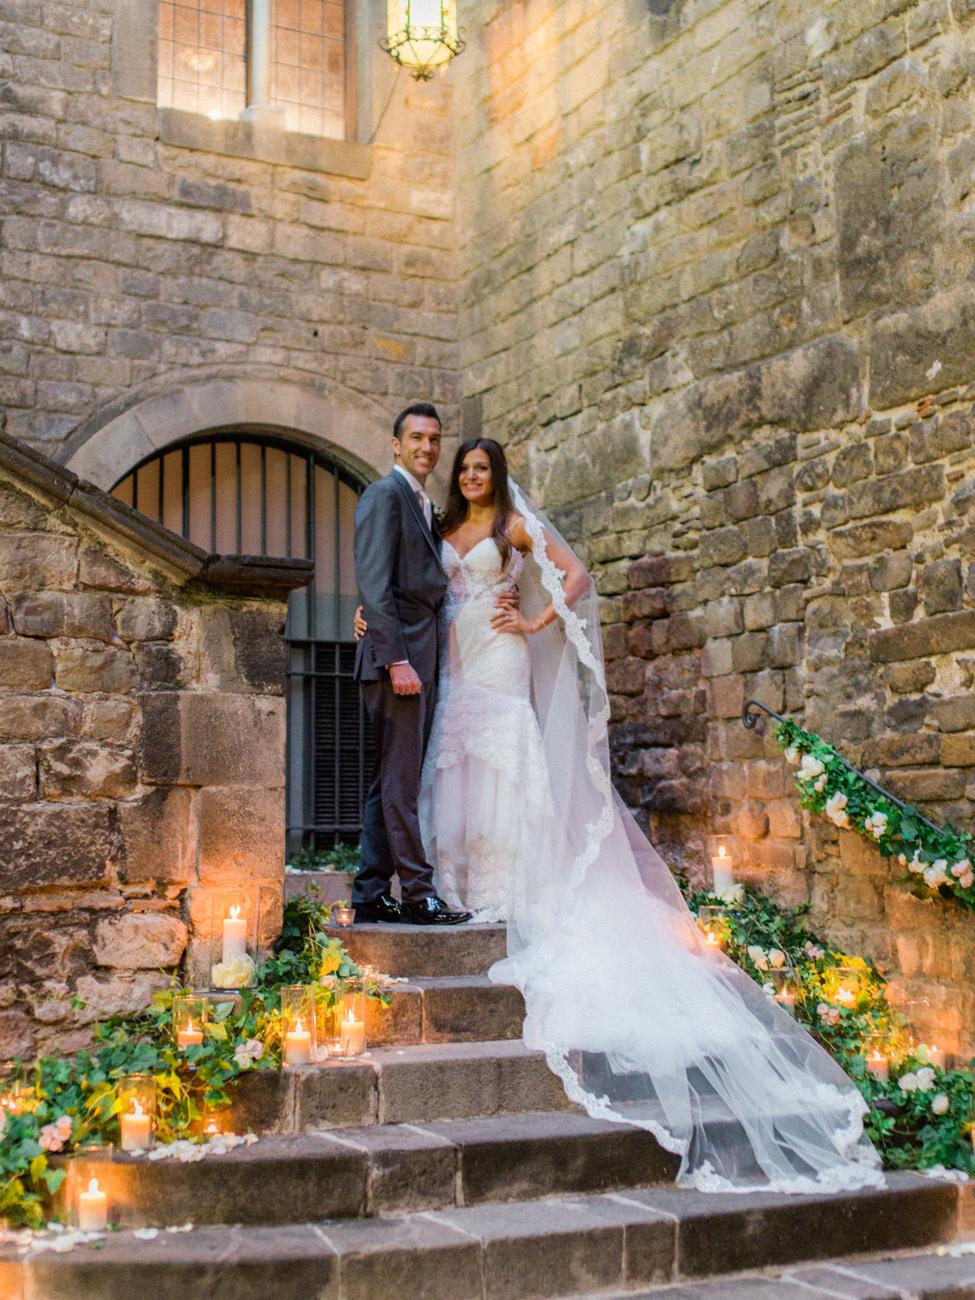 DennisRoyCoronel_Barcelona_Wedding-63.jpg